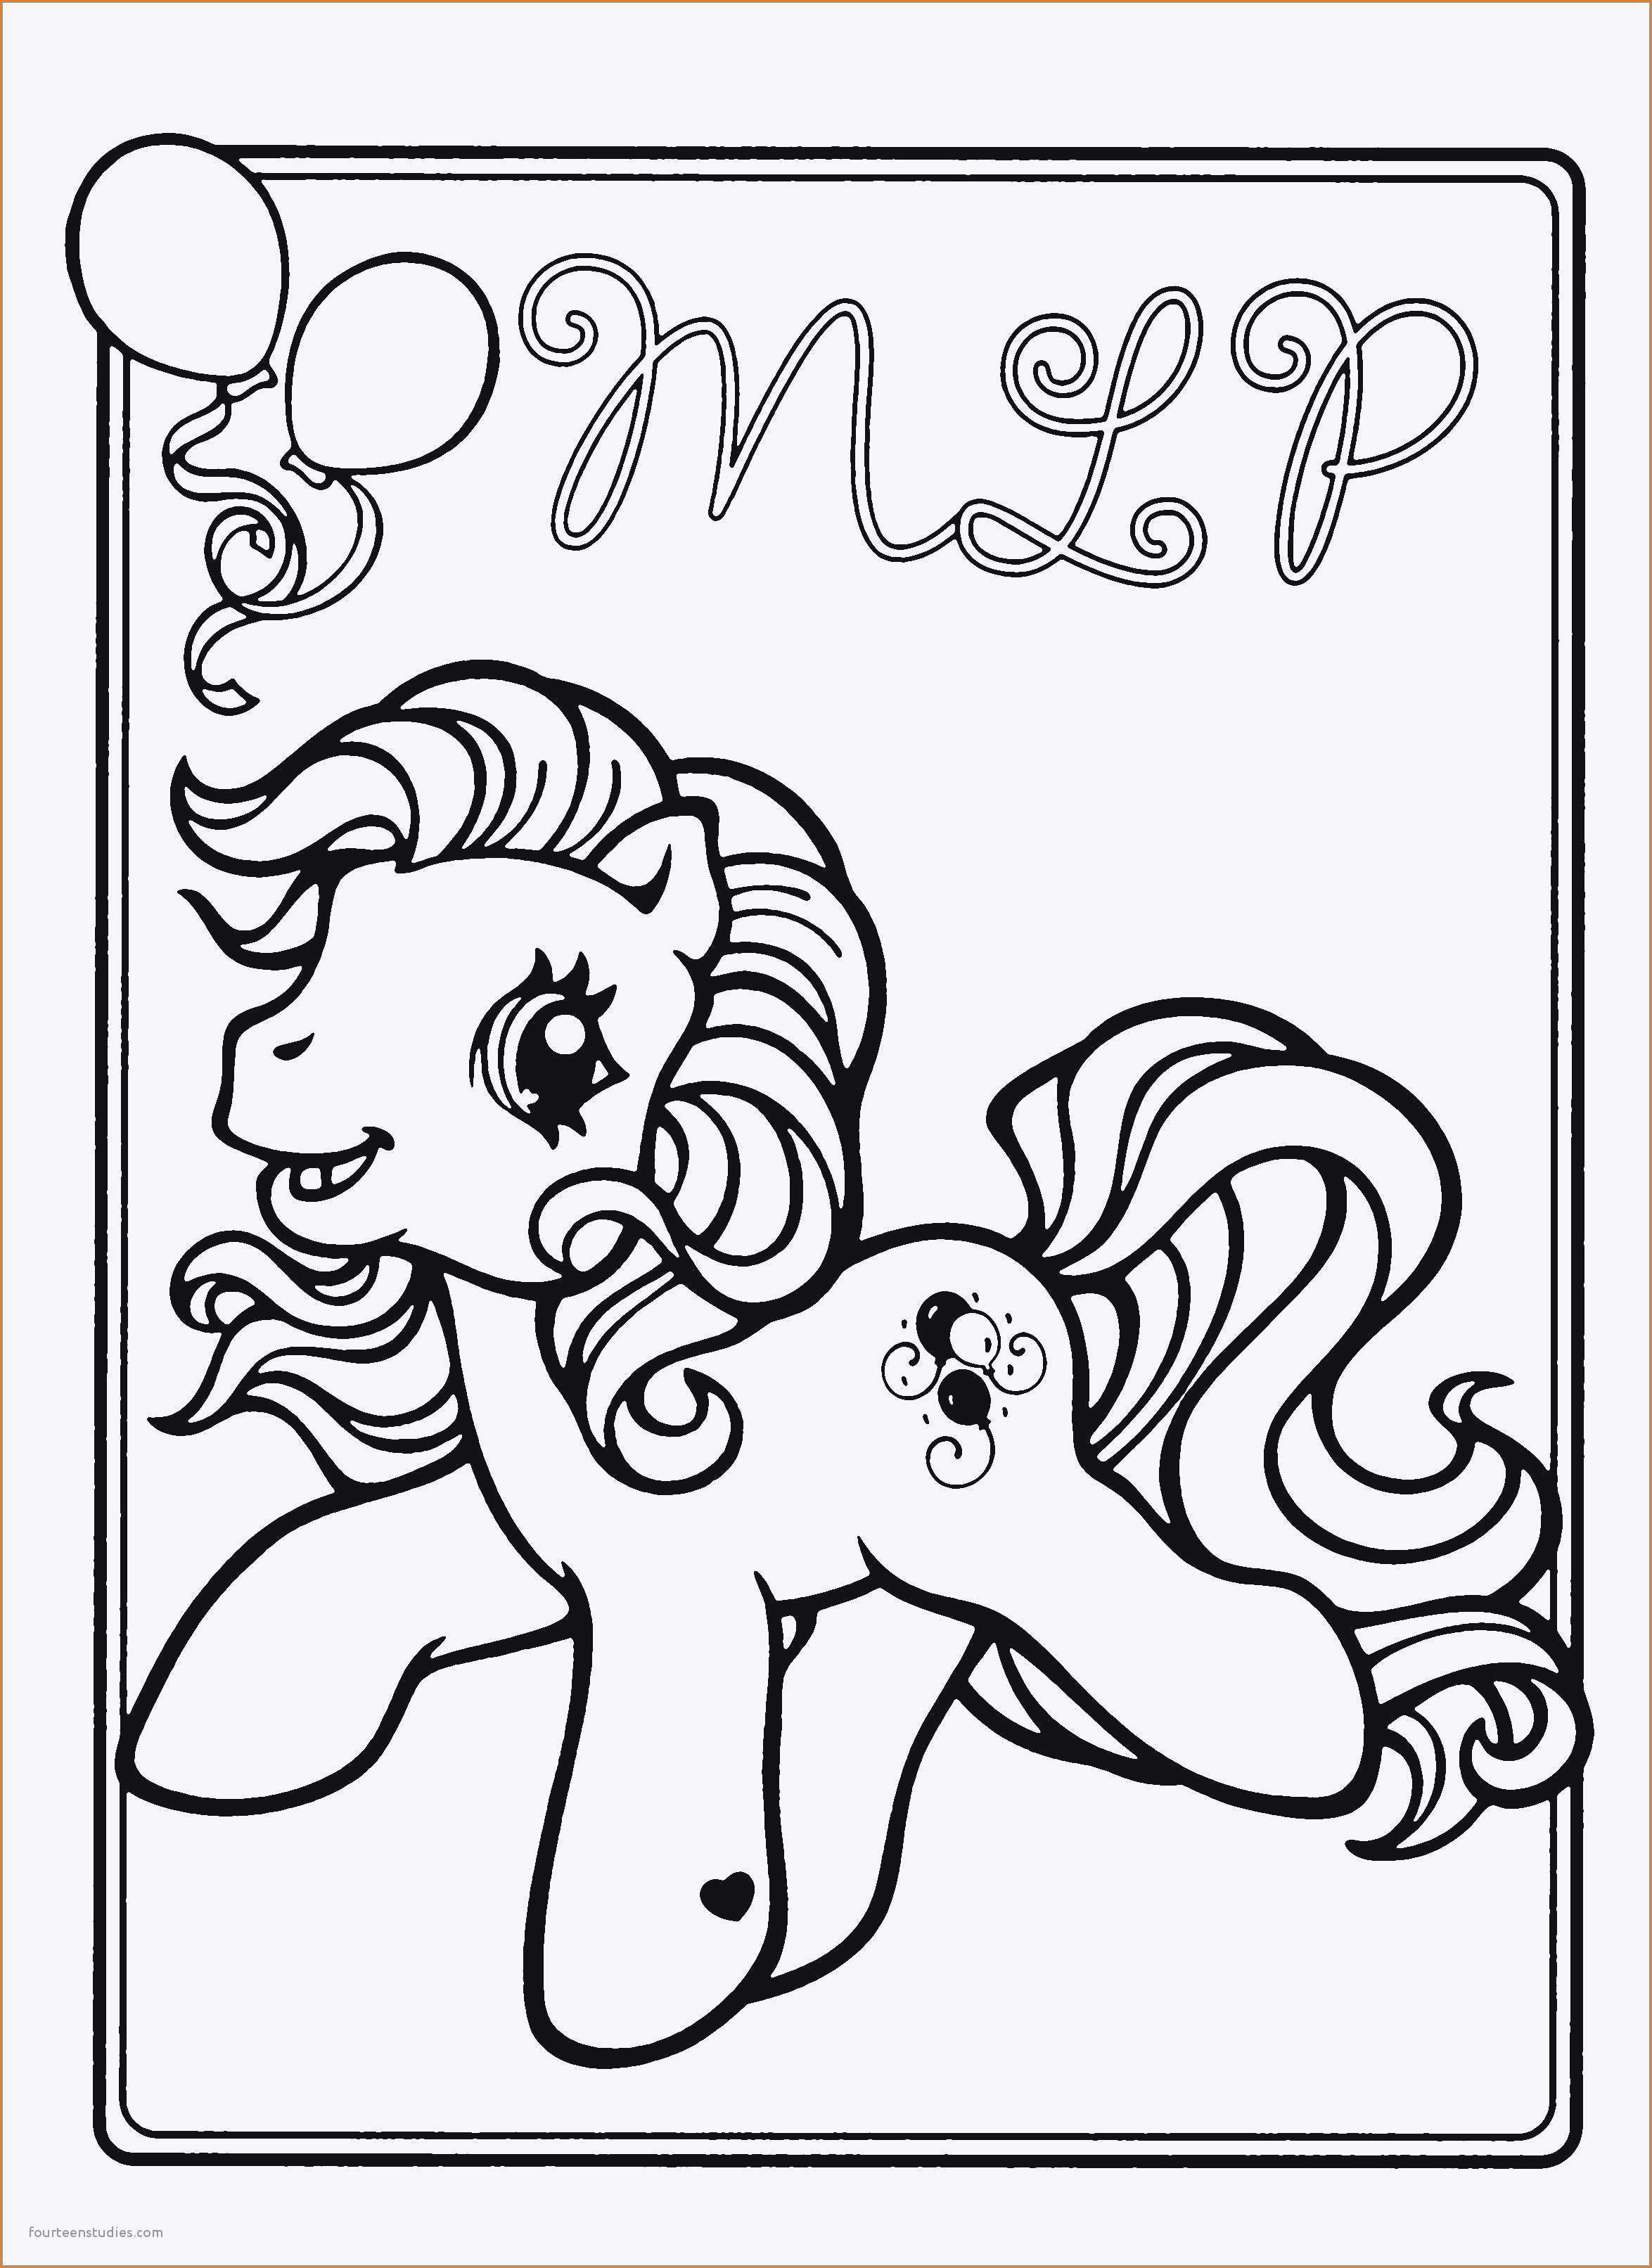 My Little Pony Rainbow Dash Ausmalbilder Das Beste Von 36 Equestria Girls Fluttershy Coloring Pages Free Neu Ausmalbilder Fotos